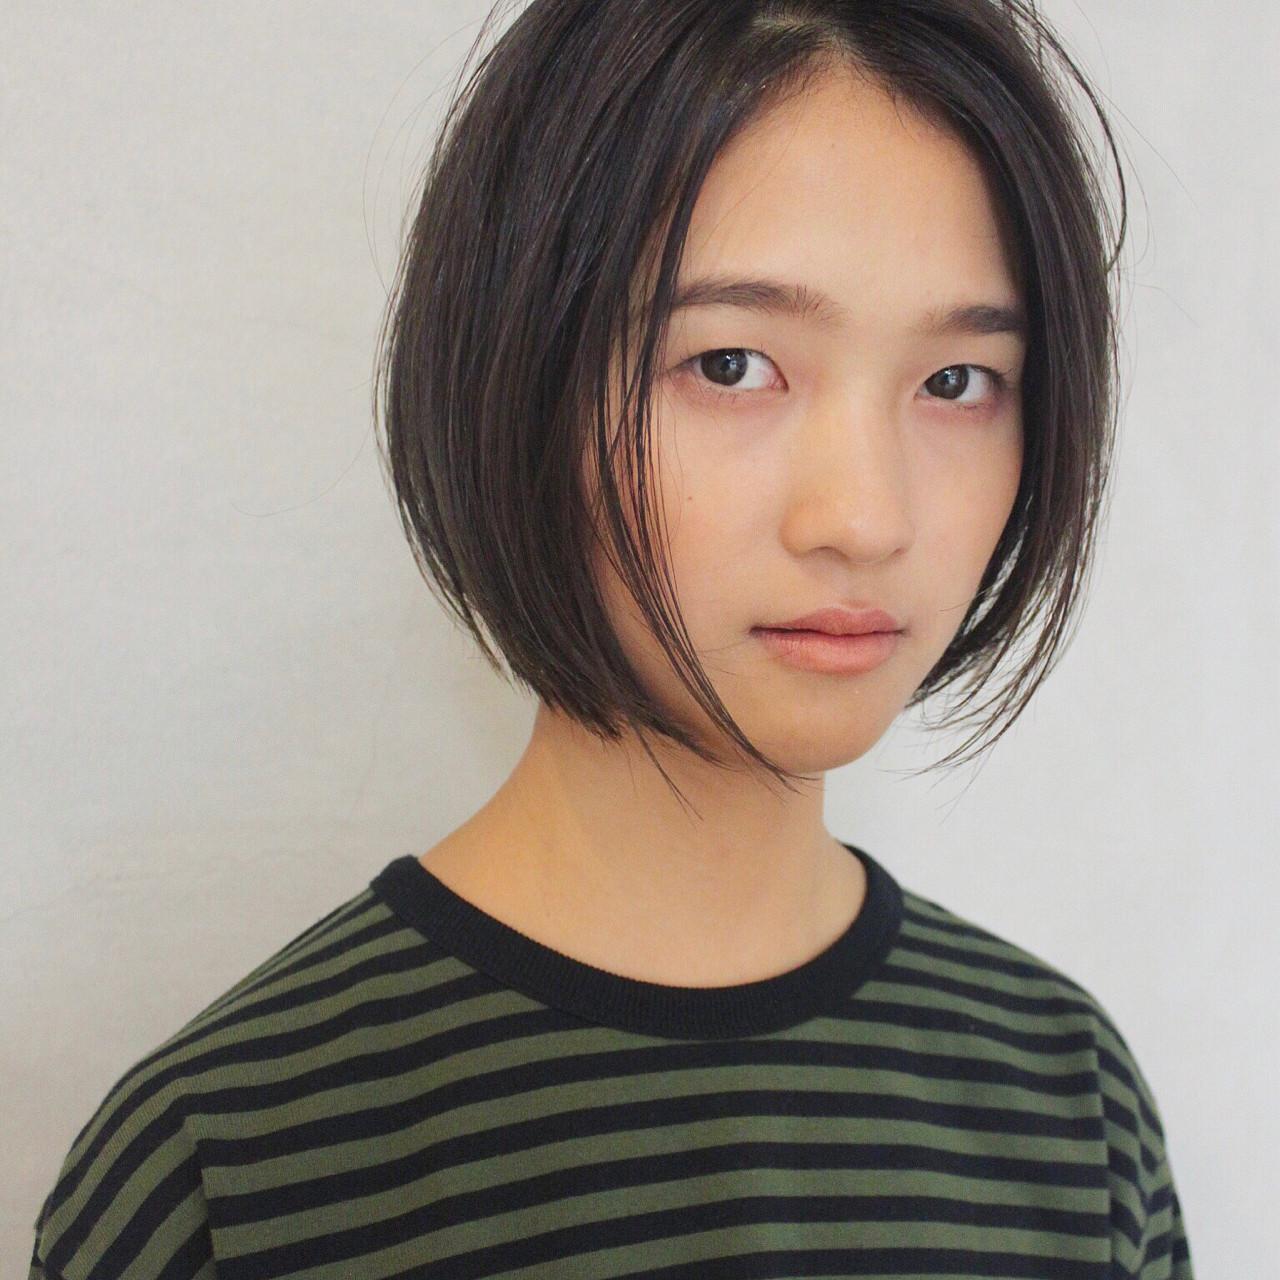 ナチュラル ハイライト 大人女子 センター分け ヘアスタイルや髪型の写真・画像 | 大久保 繁 / Salt